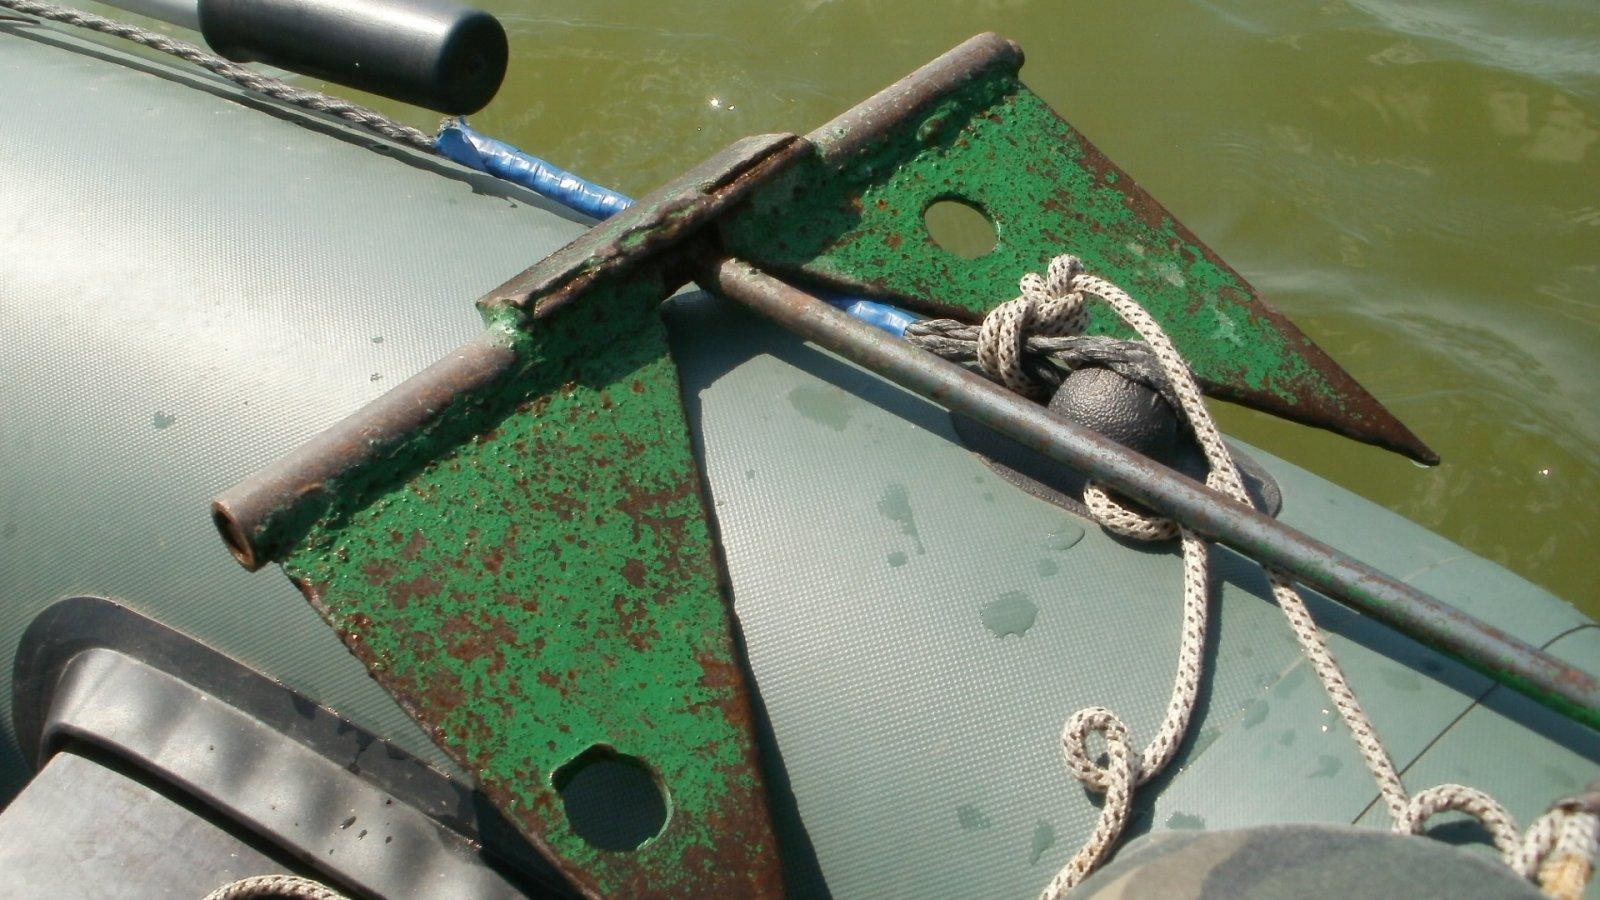 Делаем якорь для лодки ПВХ своими руками - чертежи, схемы и советы